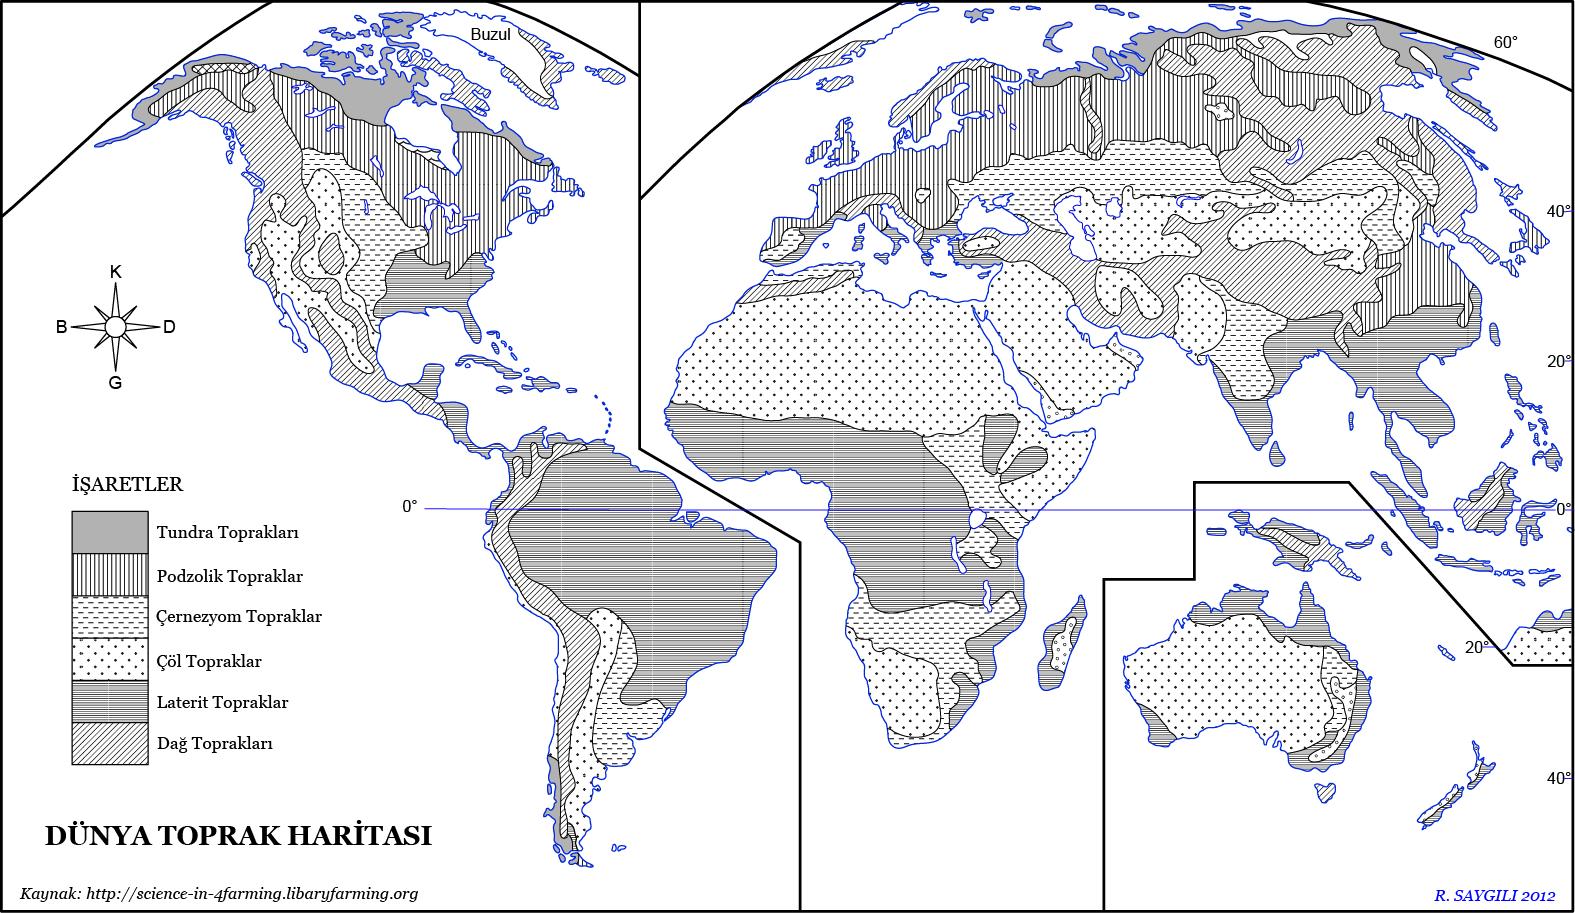 Dünya Toprak Haritası 2